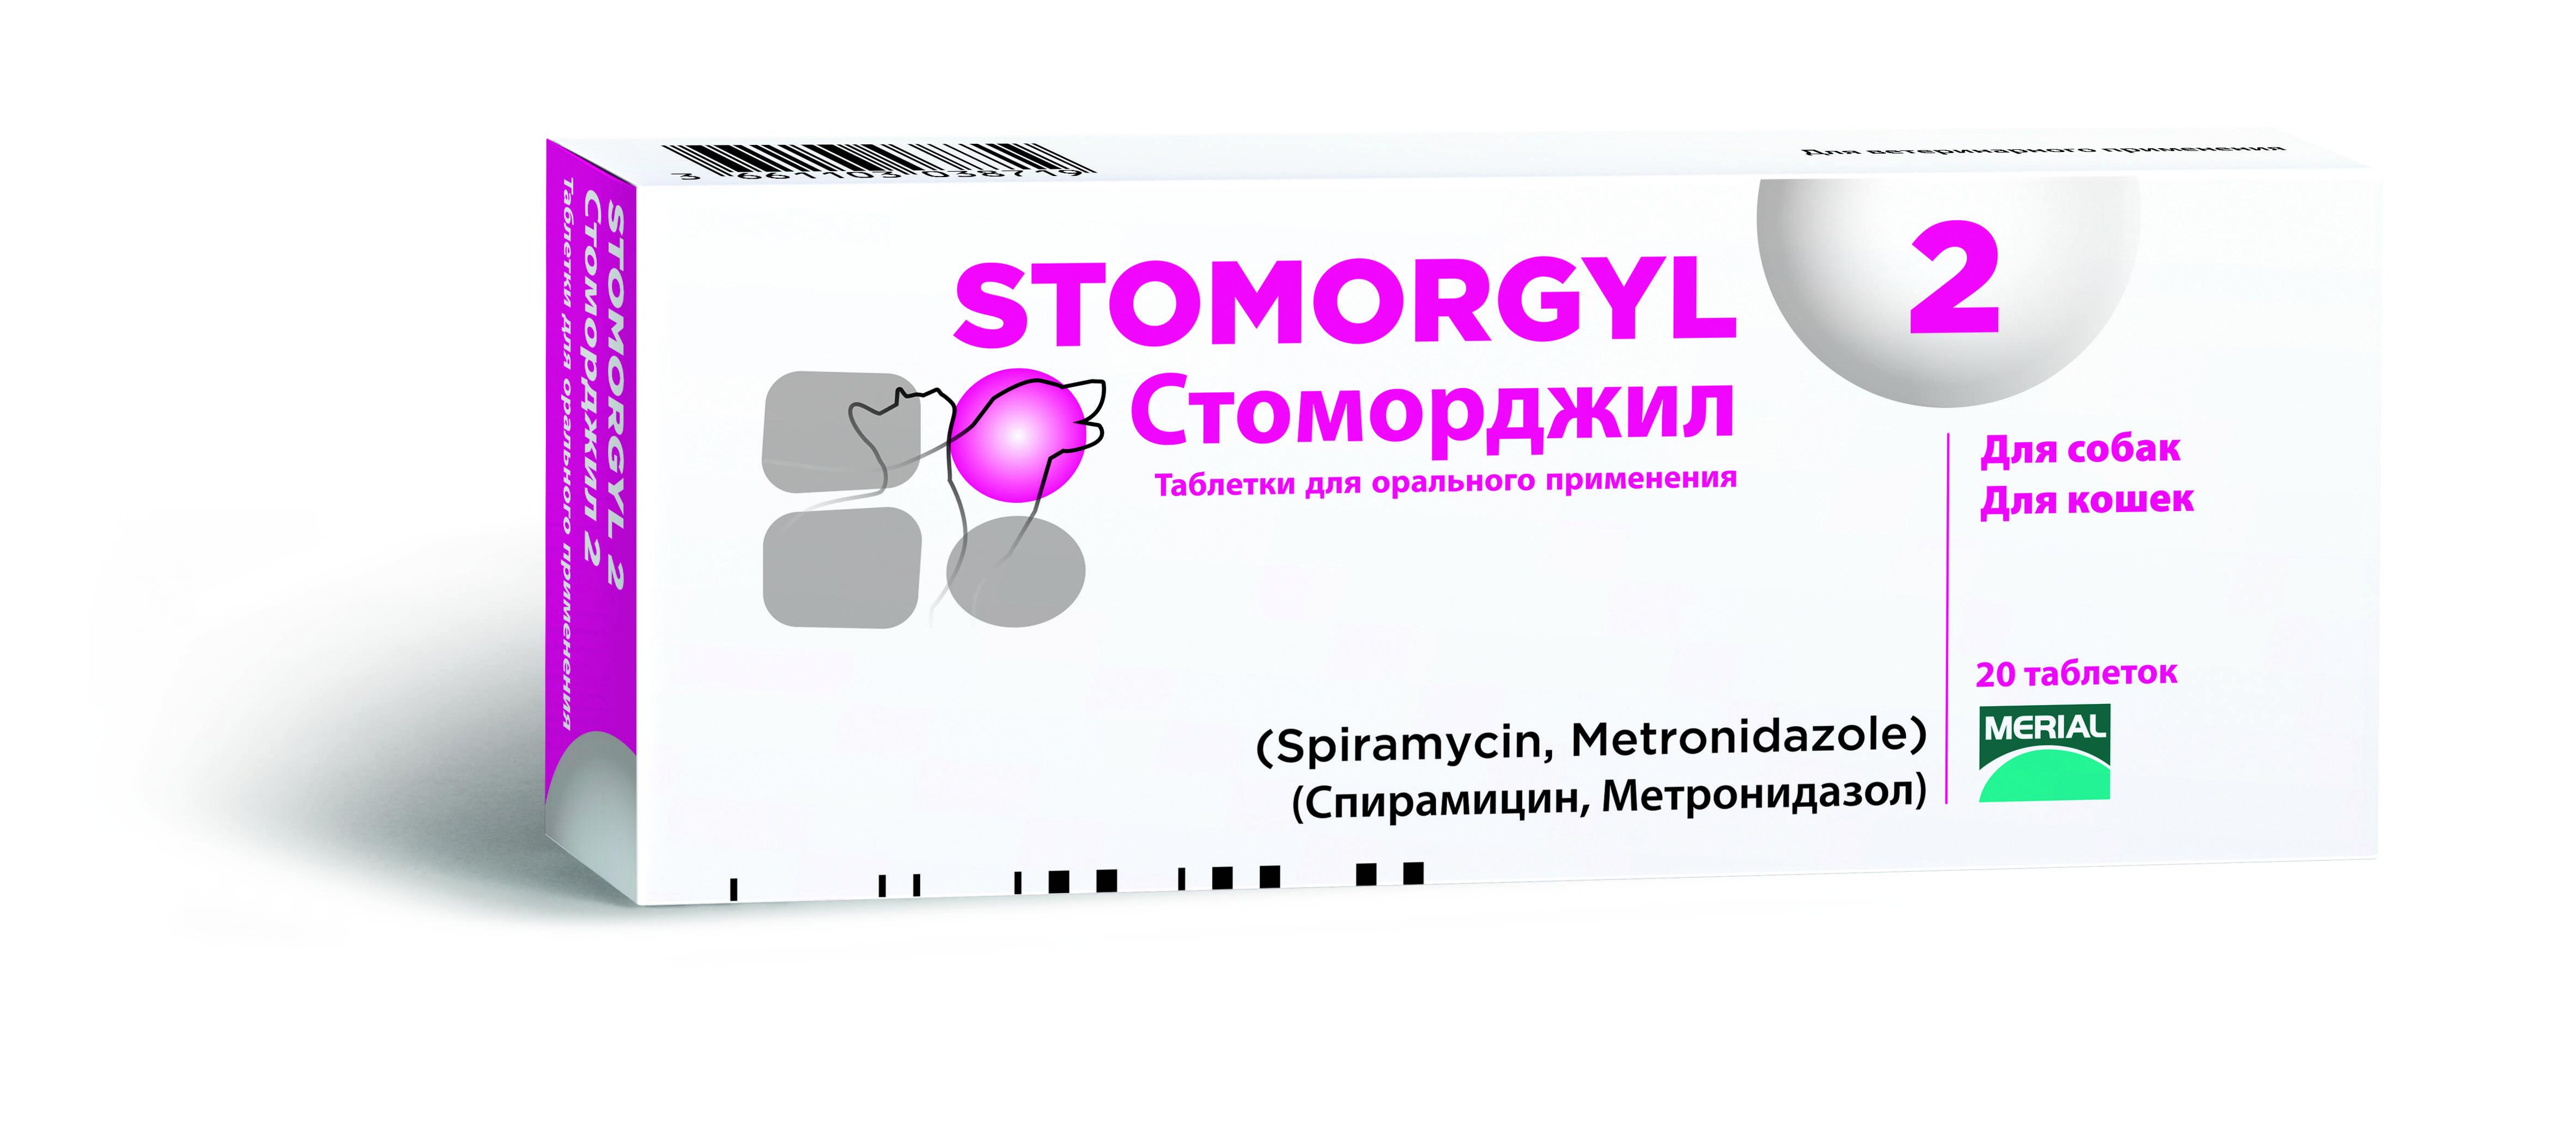 Стоморджил 10мг - купить, цена и аналоги, инструкция по применению, отзывы в интернет ветаптеке добропесик